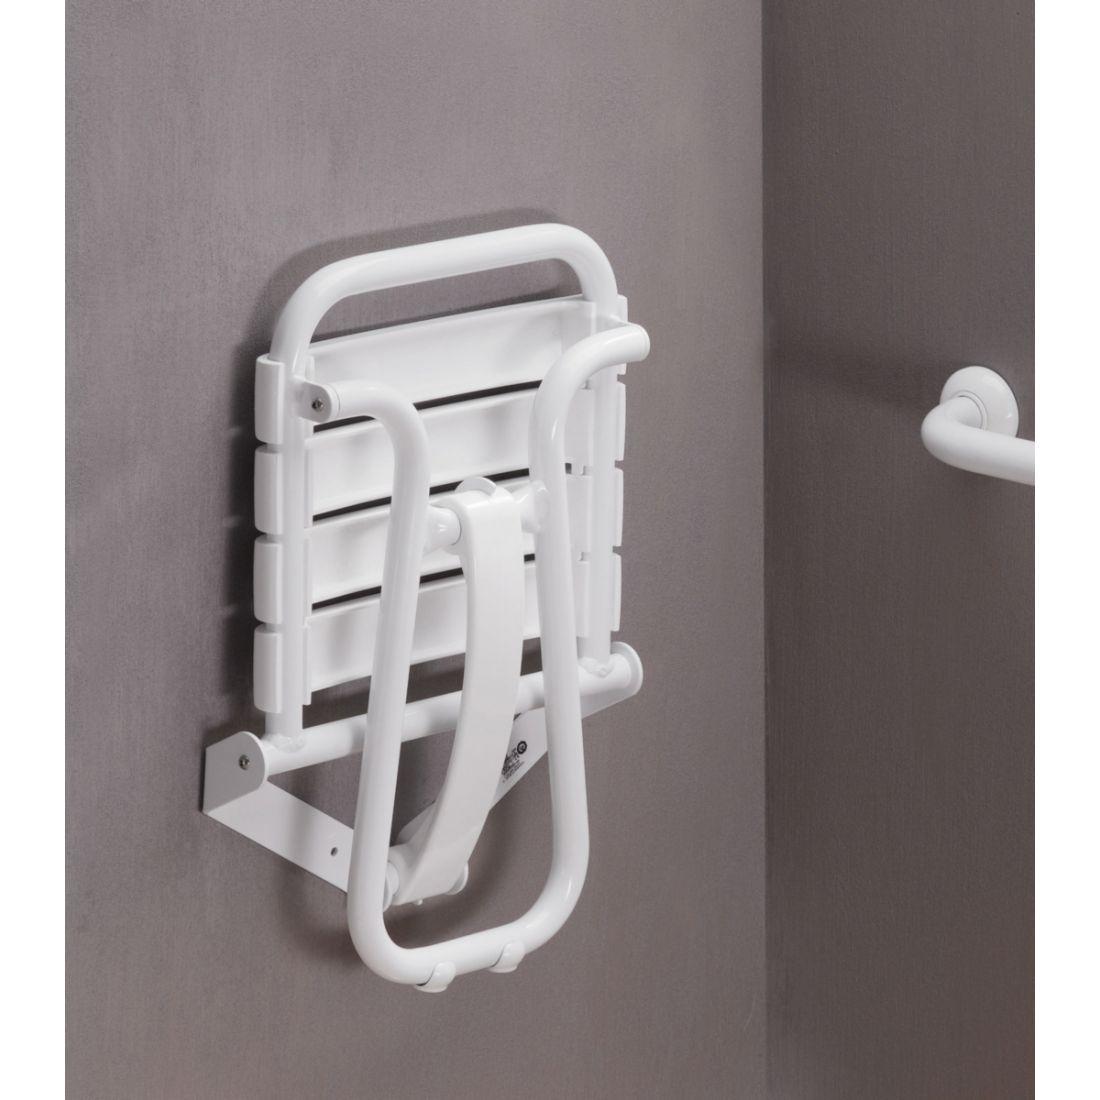 Siège De Douche Escamotable Avec Béquille Automatique tout Siège De Douche Escamotable